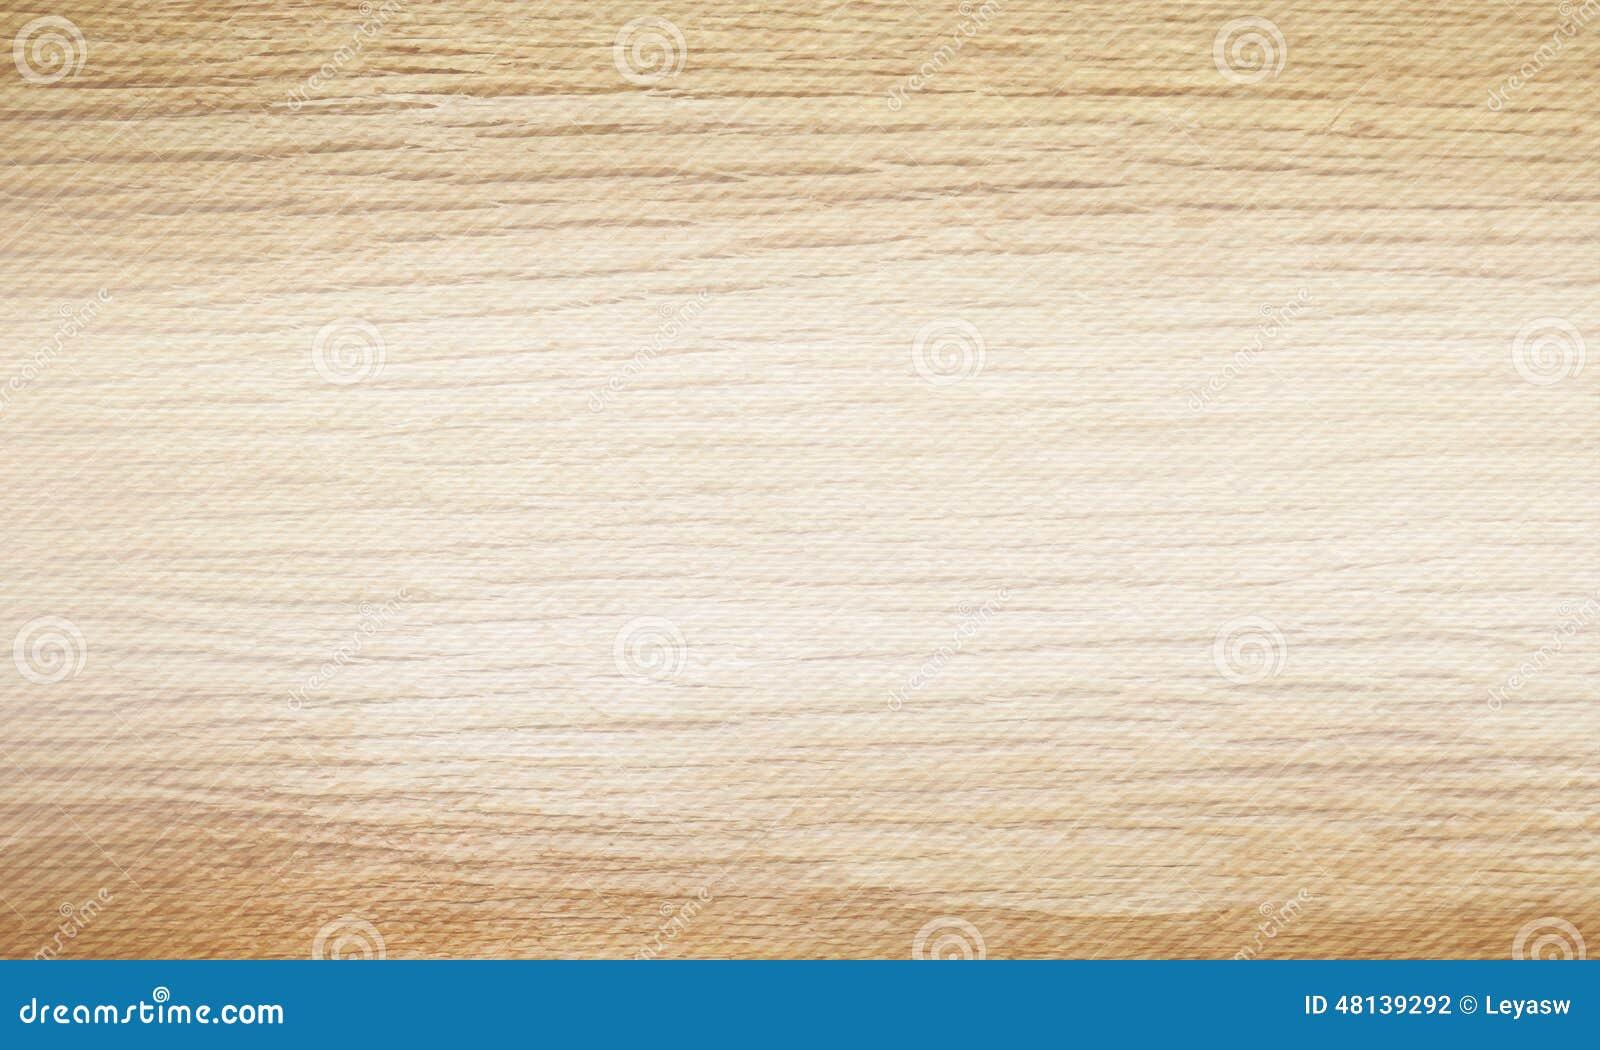 fond en bois beige clair de texture calibre horizontal d 39 chantillon naturel de mod le. Black Bedroom Furniture Sets. Home Design Ideas